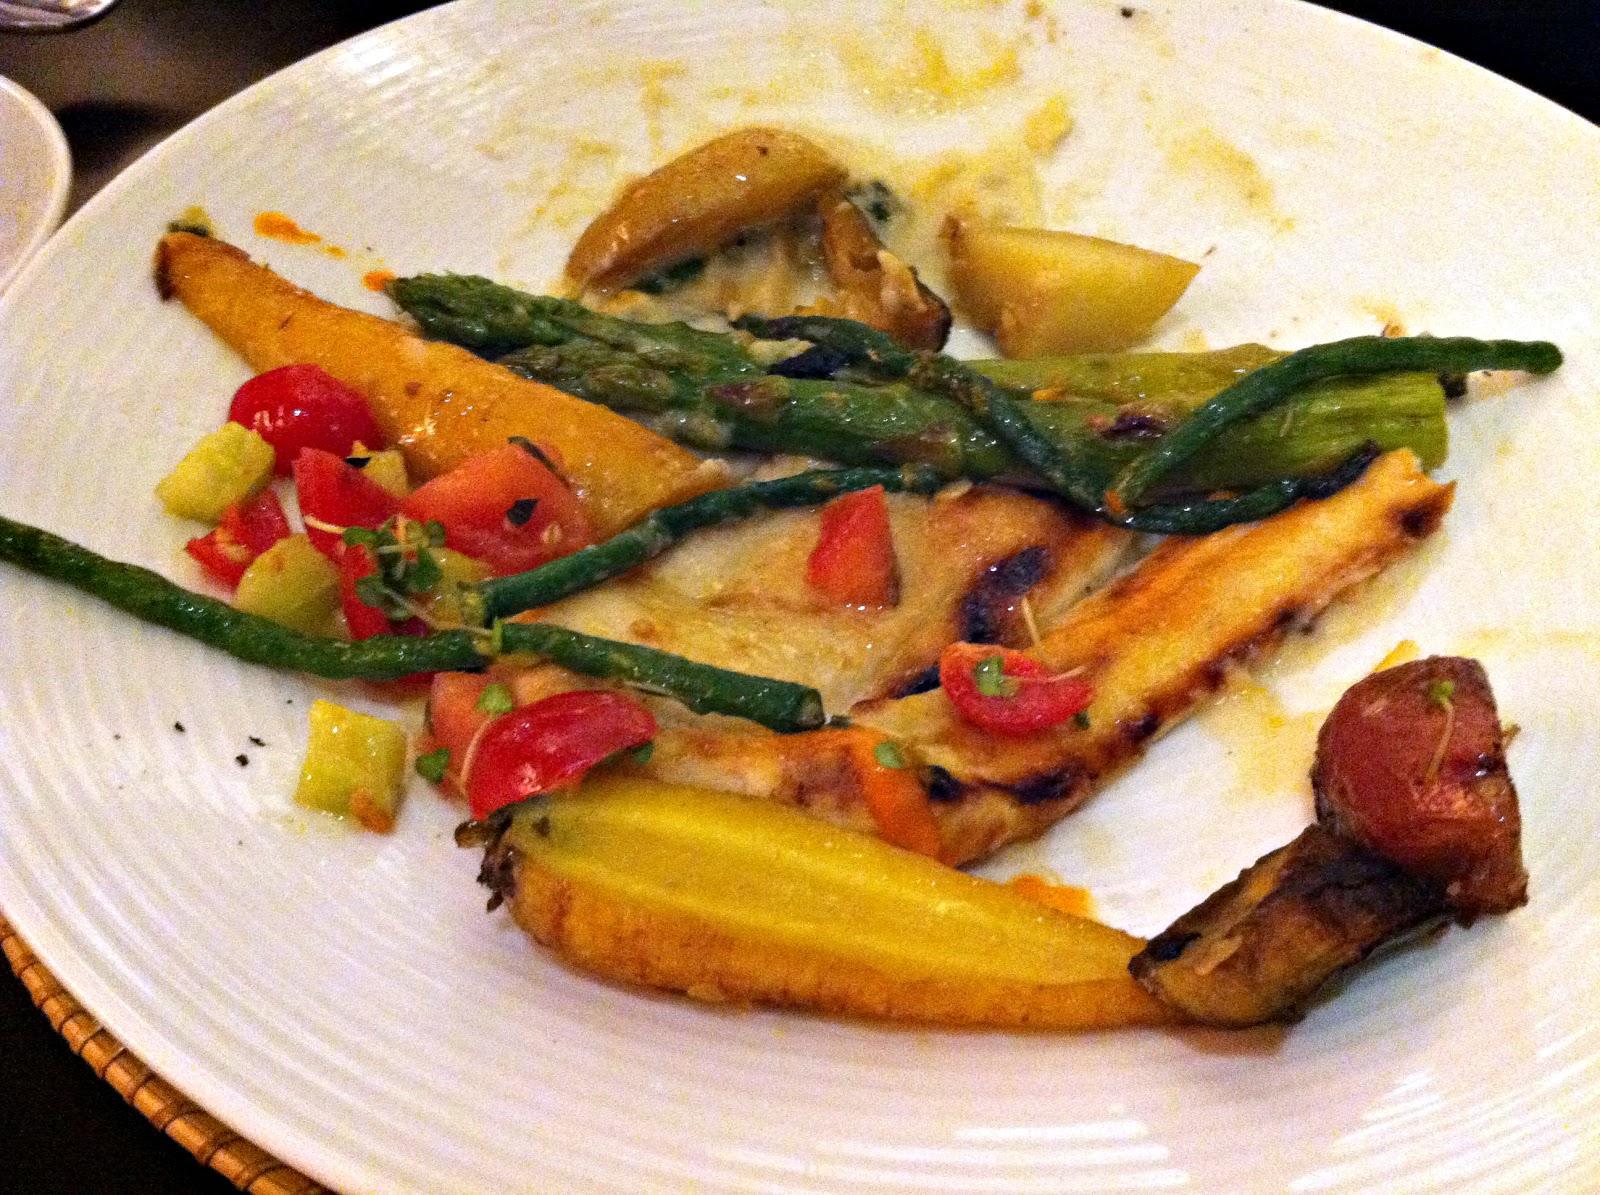 Vegan plate at Josselin's Tapas